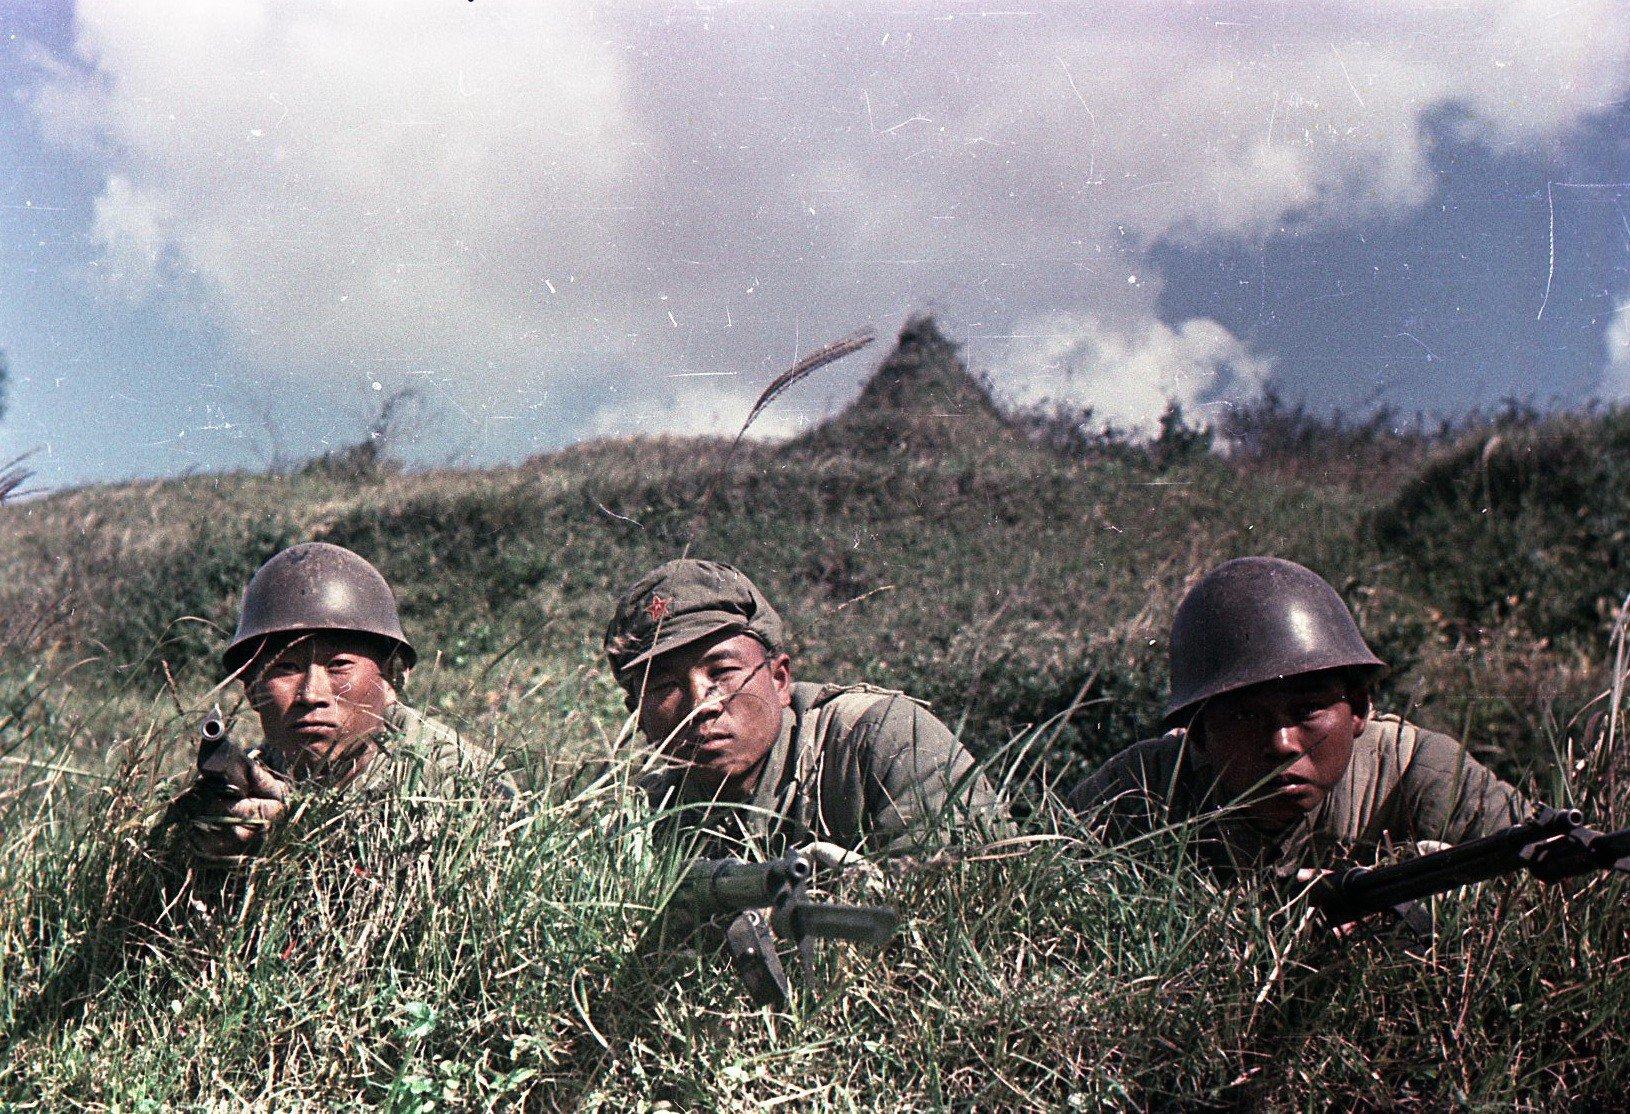 1949. Бойцы Народно-освободительной армии Китая (НОА). В засаде